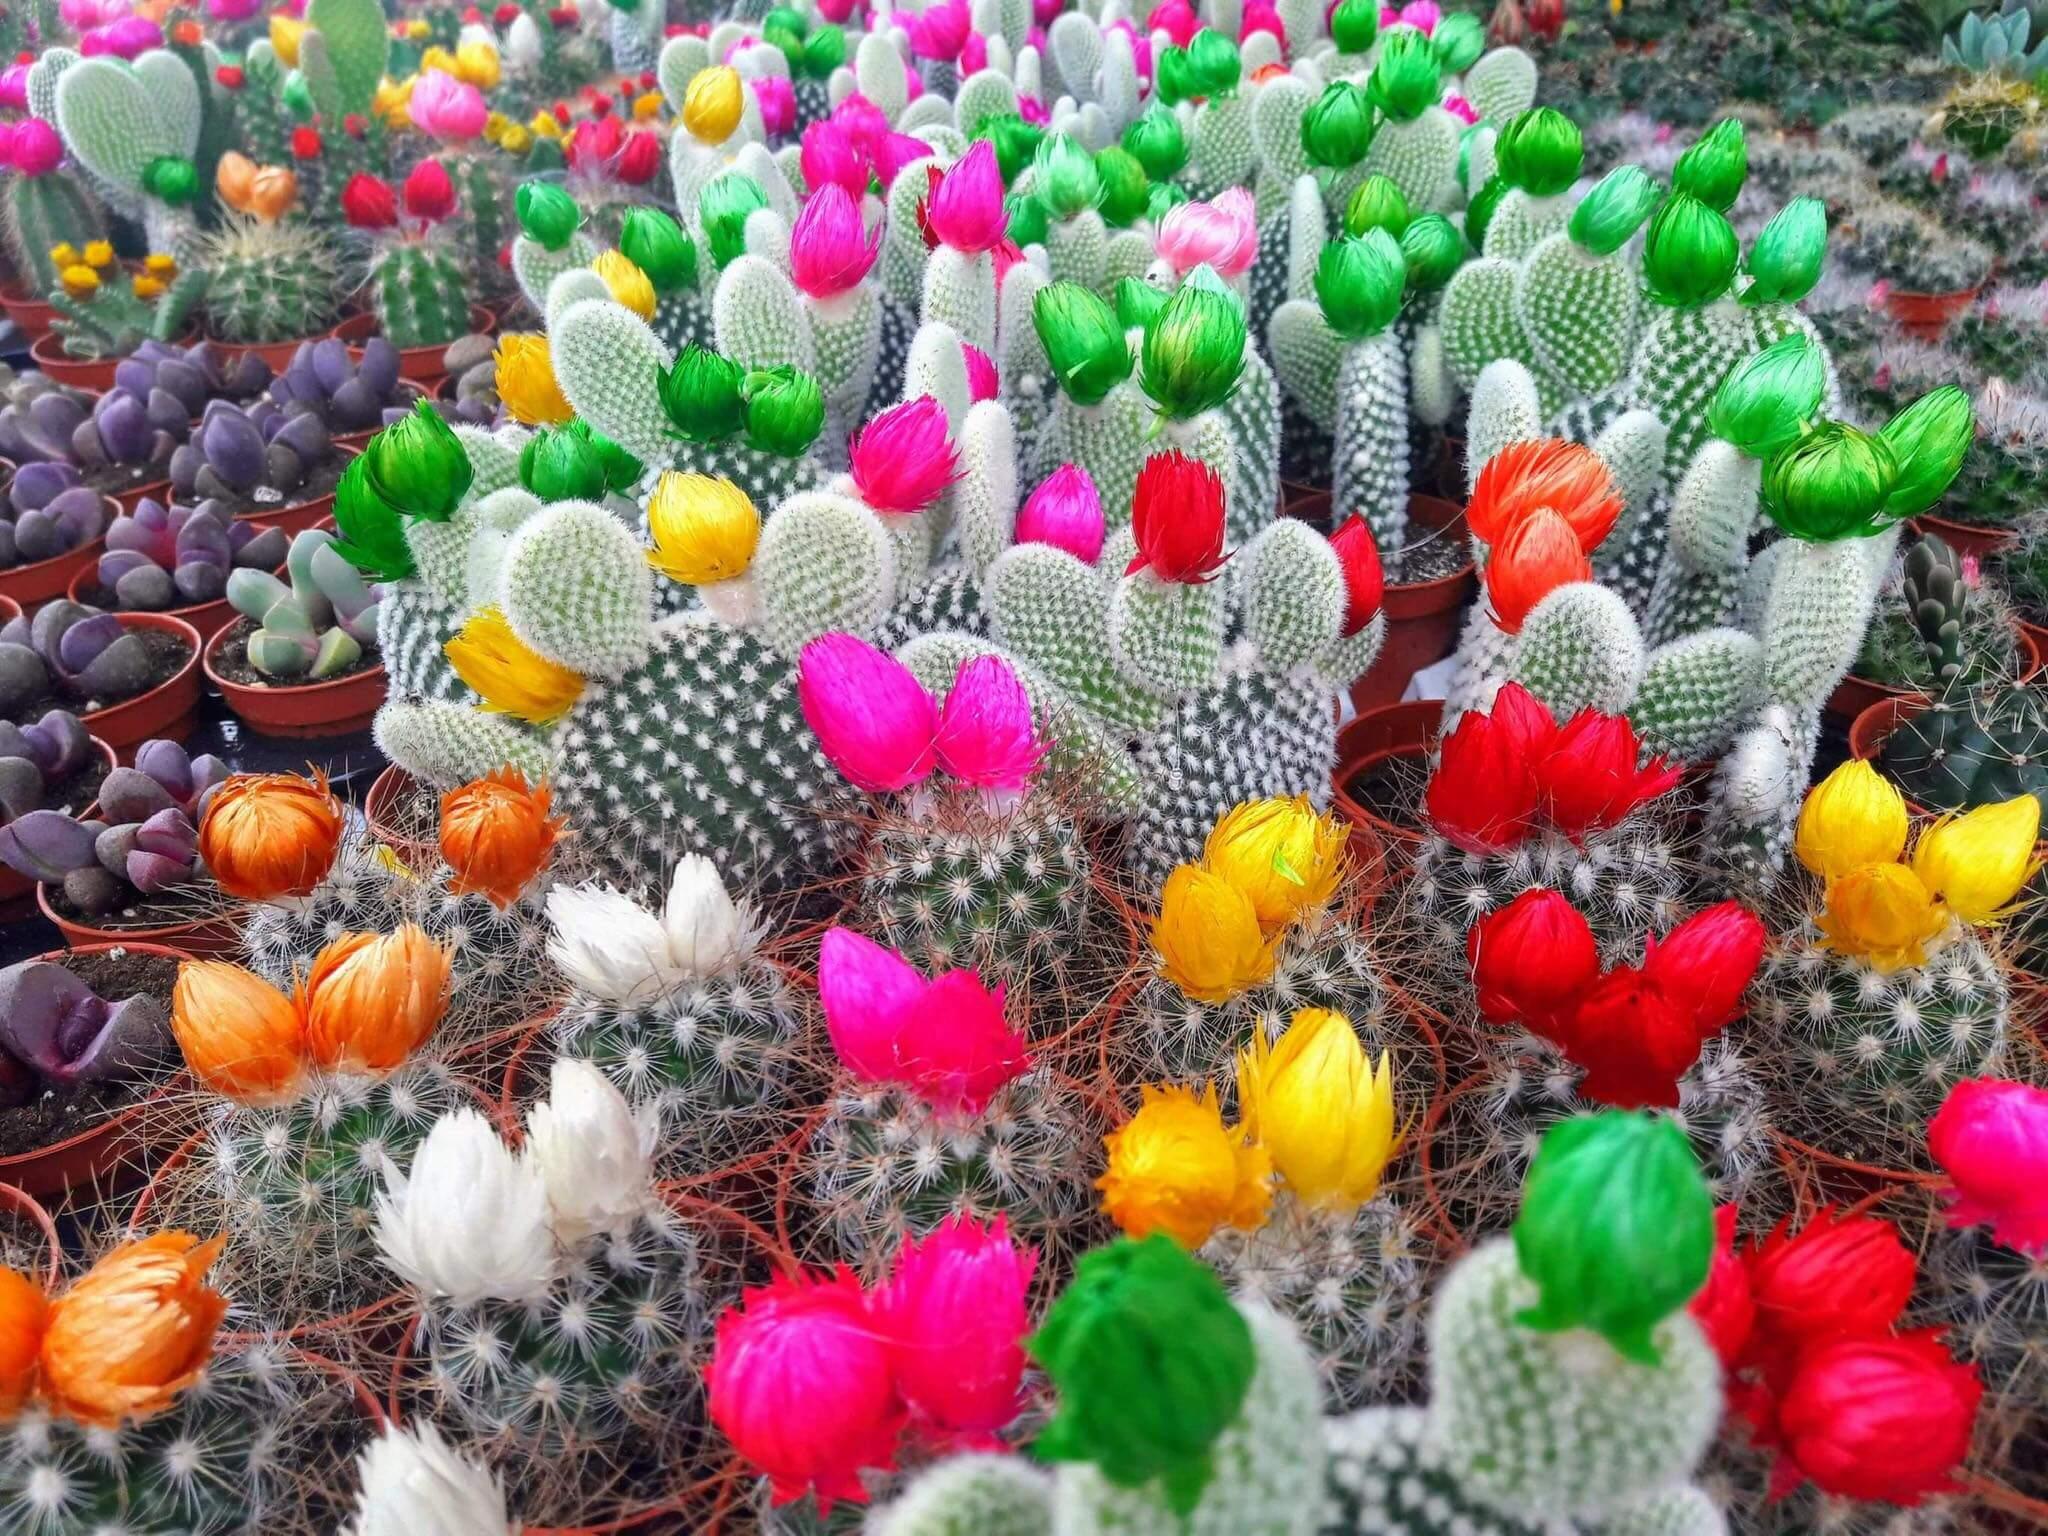 A vida, os espinhos e as flores